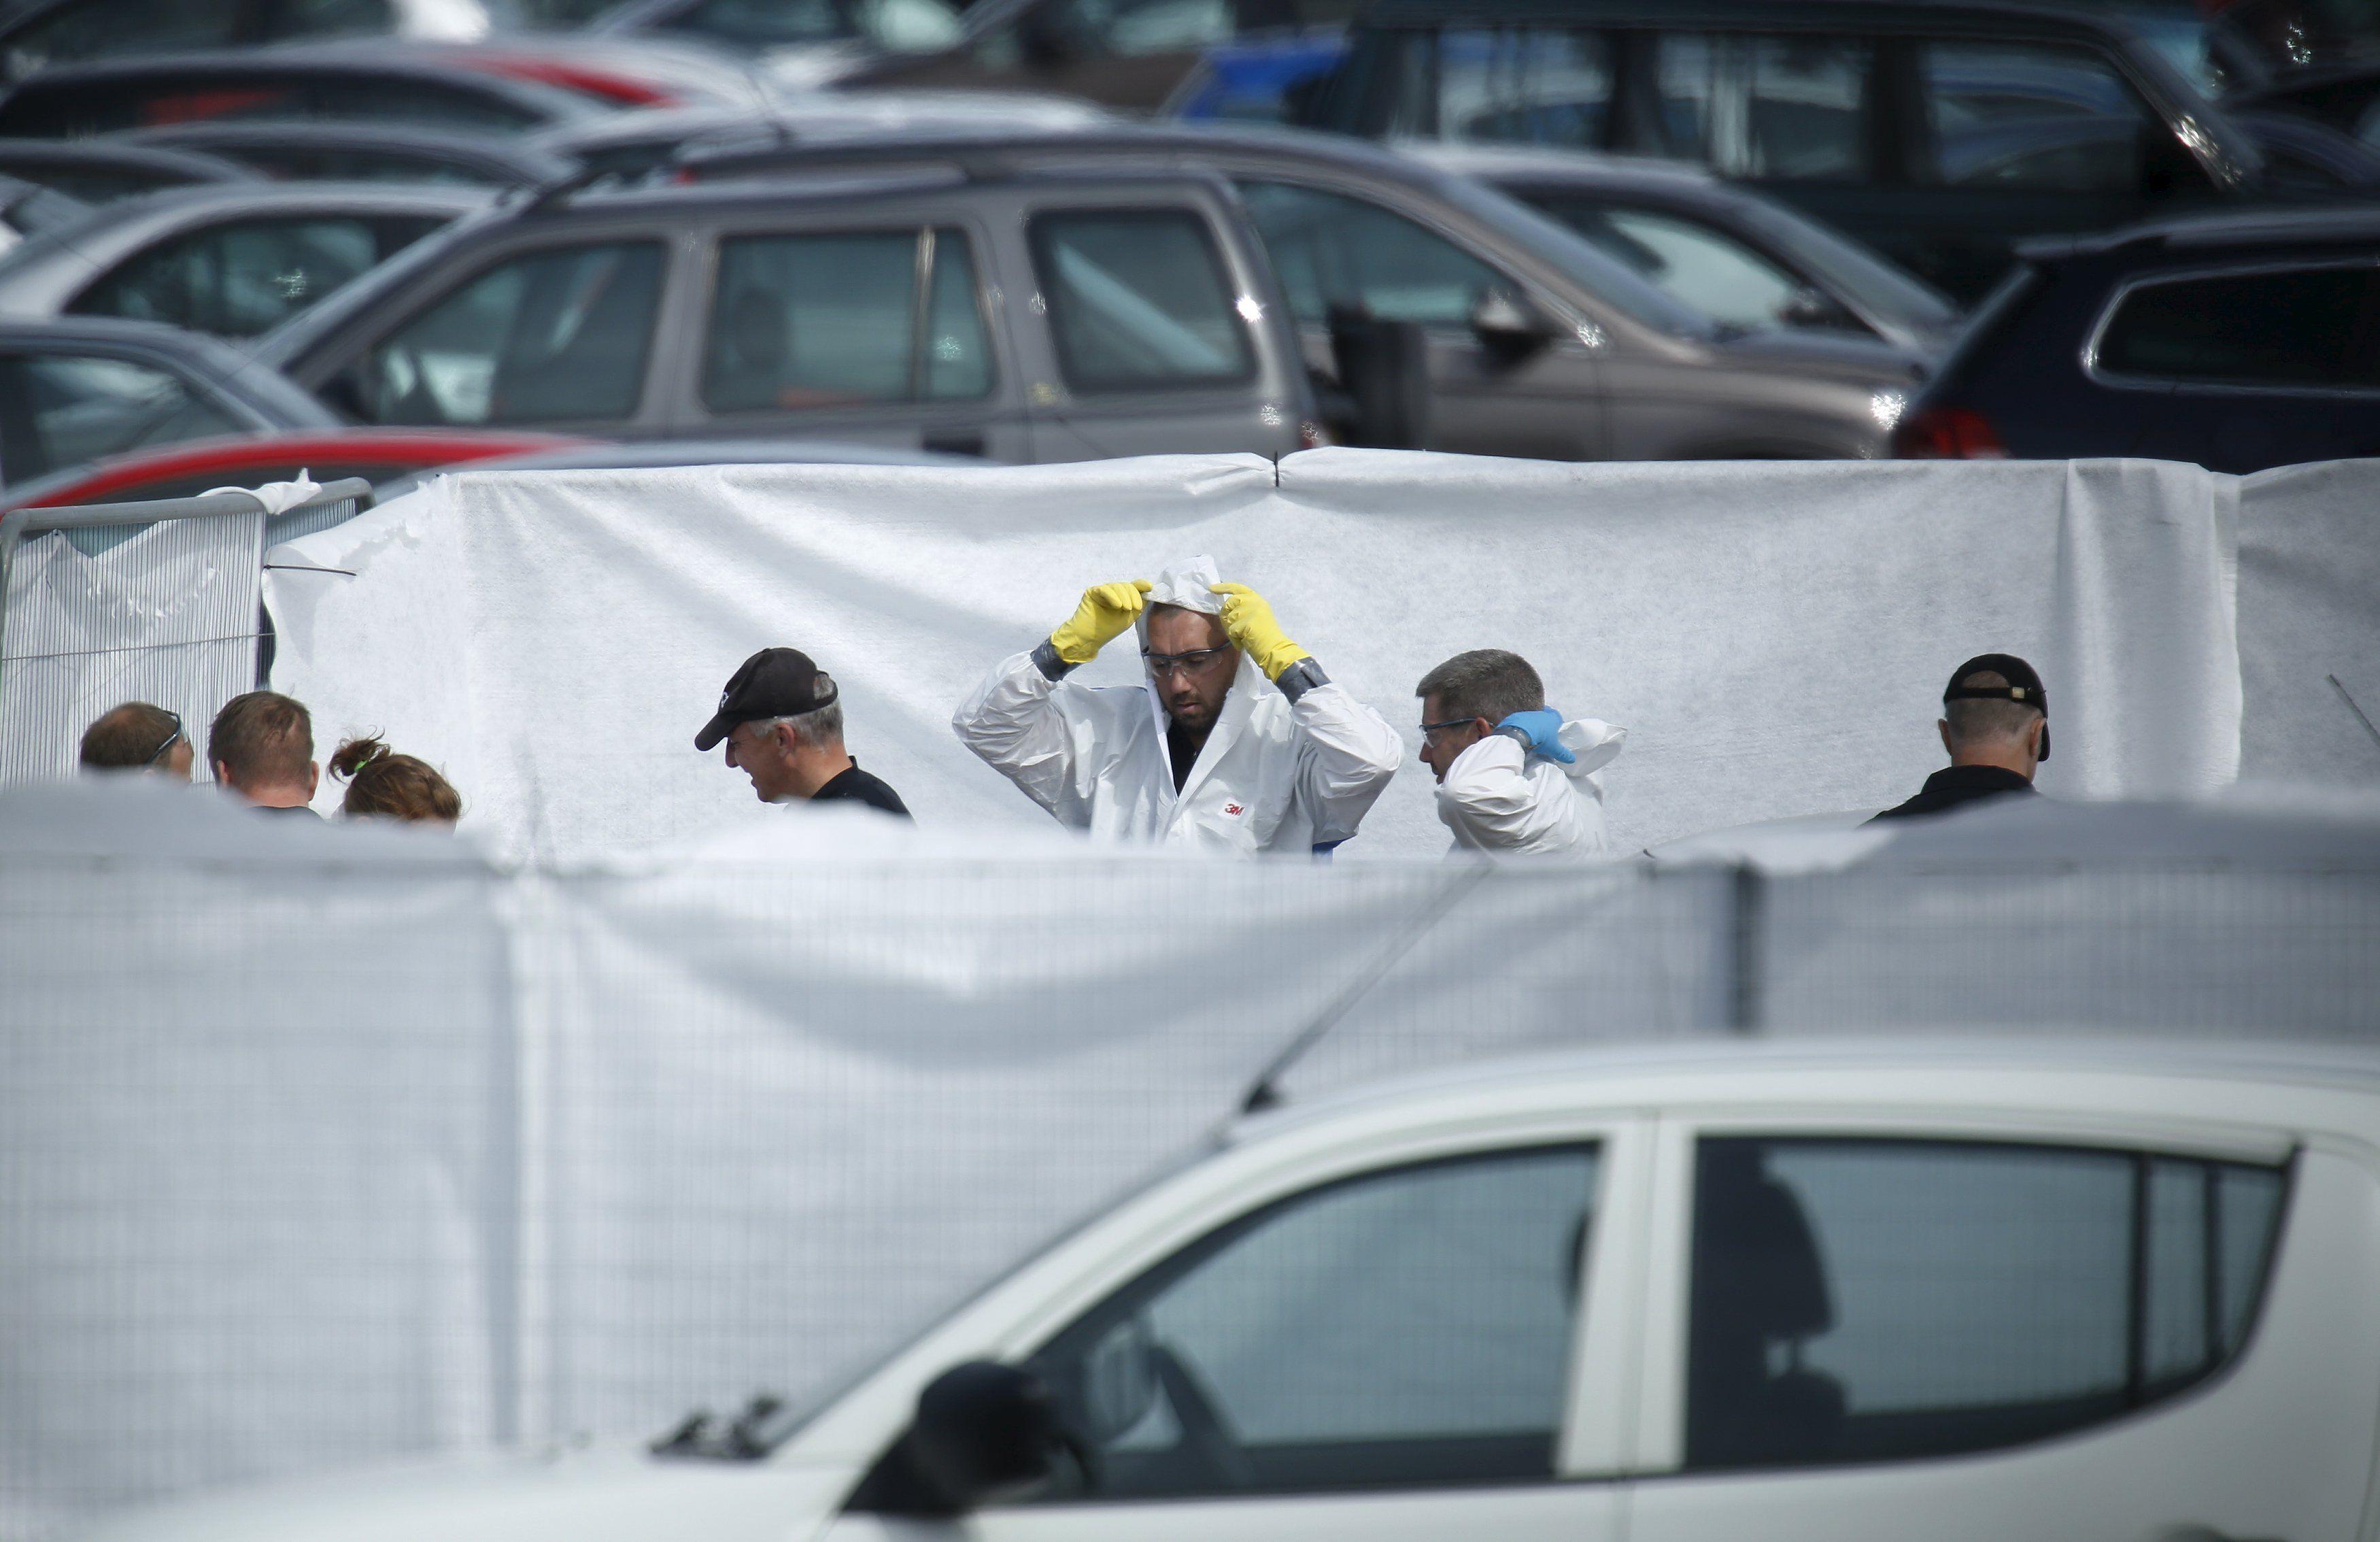 Peritos en accidentes trabajan en el lugar donde se estrelló el avión en el que murieron el piloto y los familiares de Bin Laden.